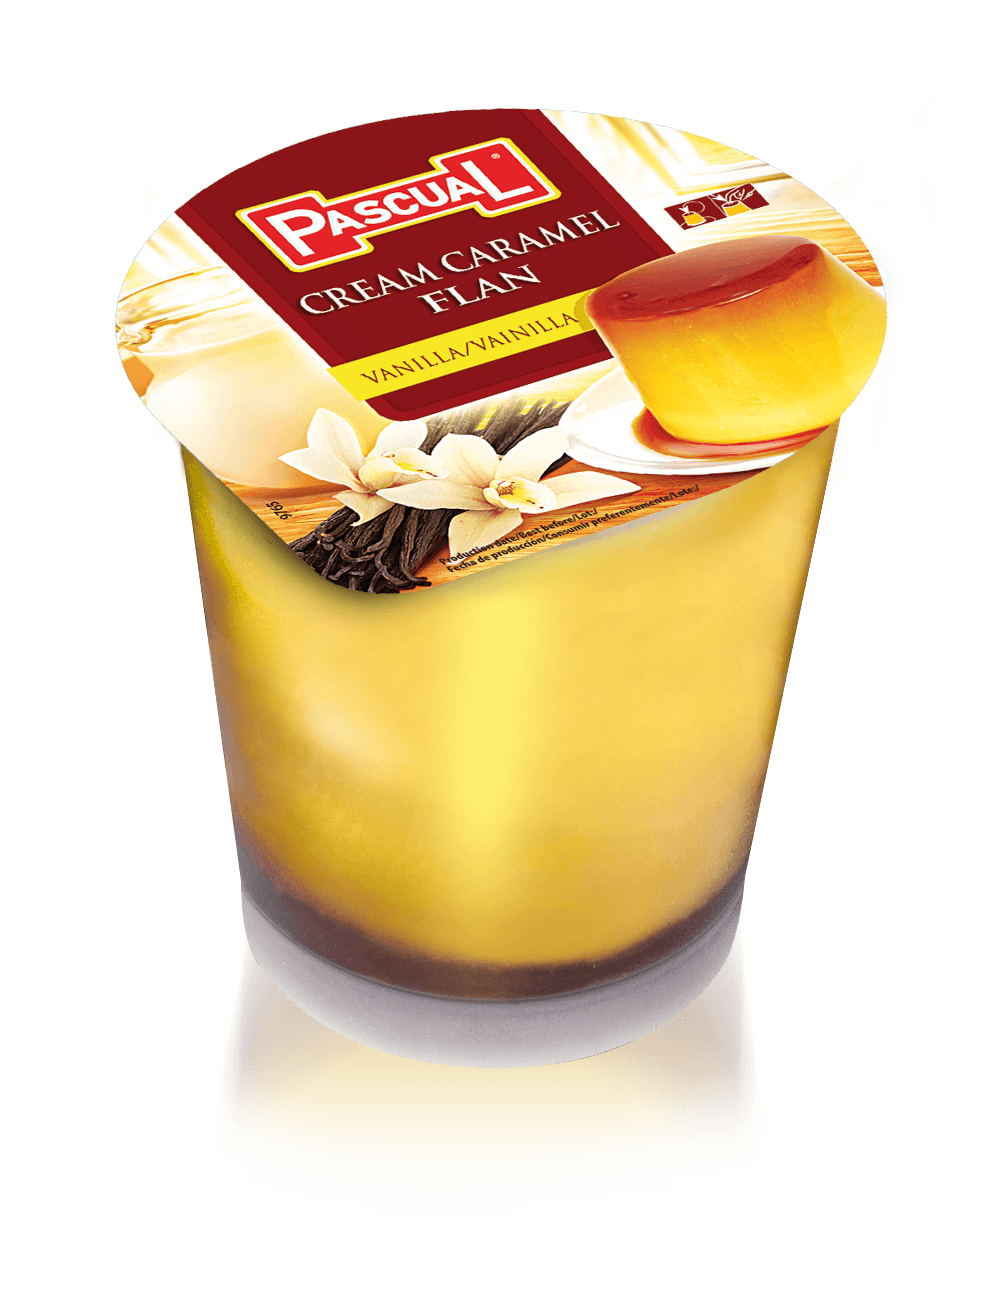 Flan de vainilla - Leche Pascual